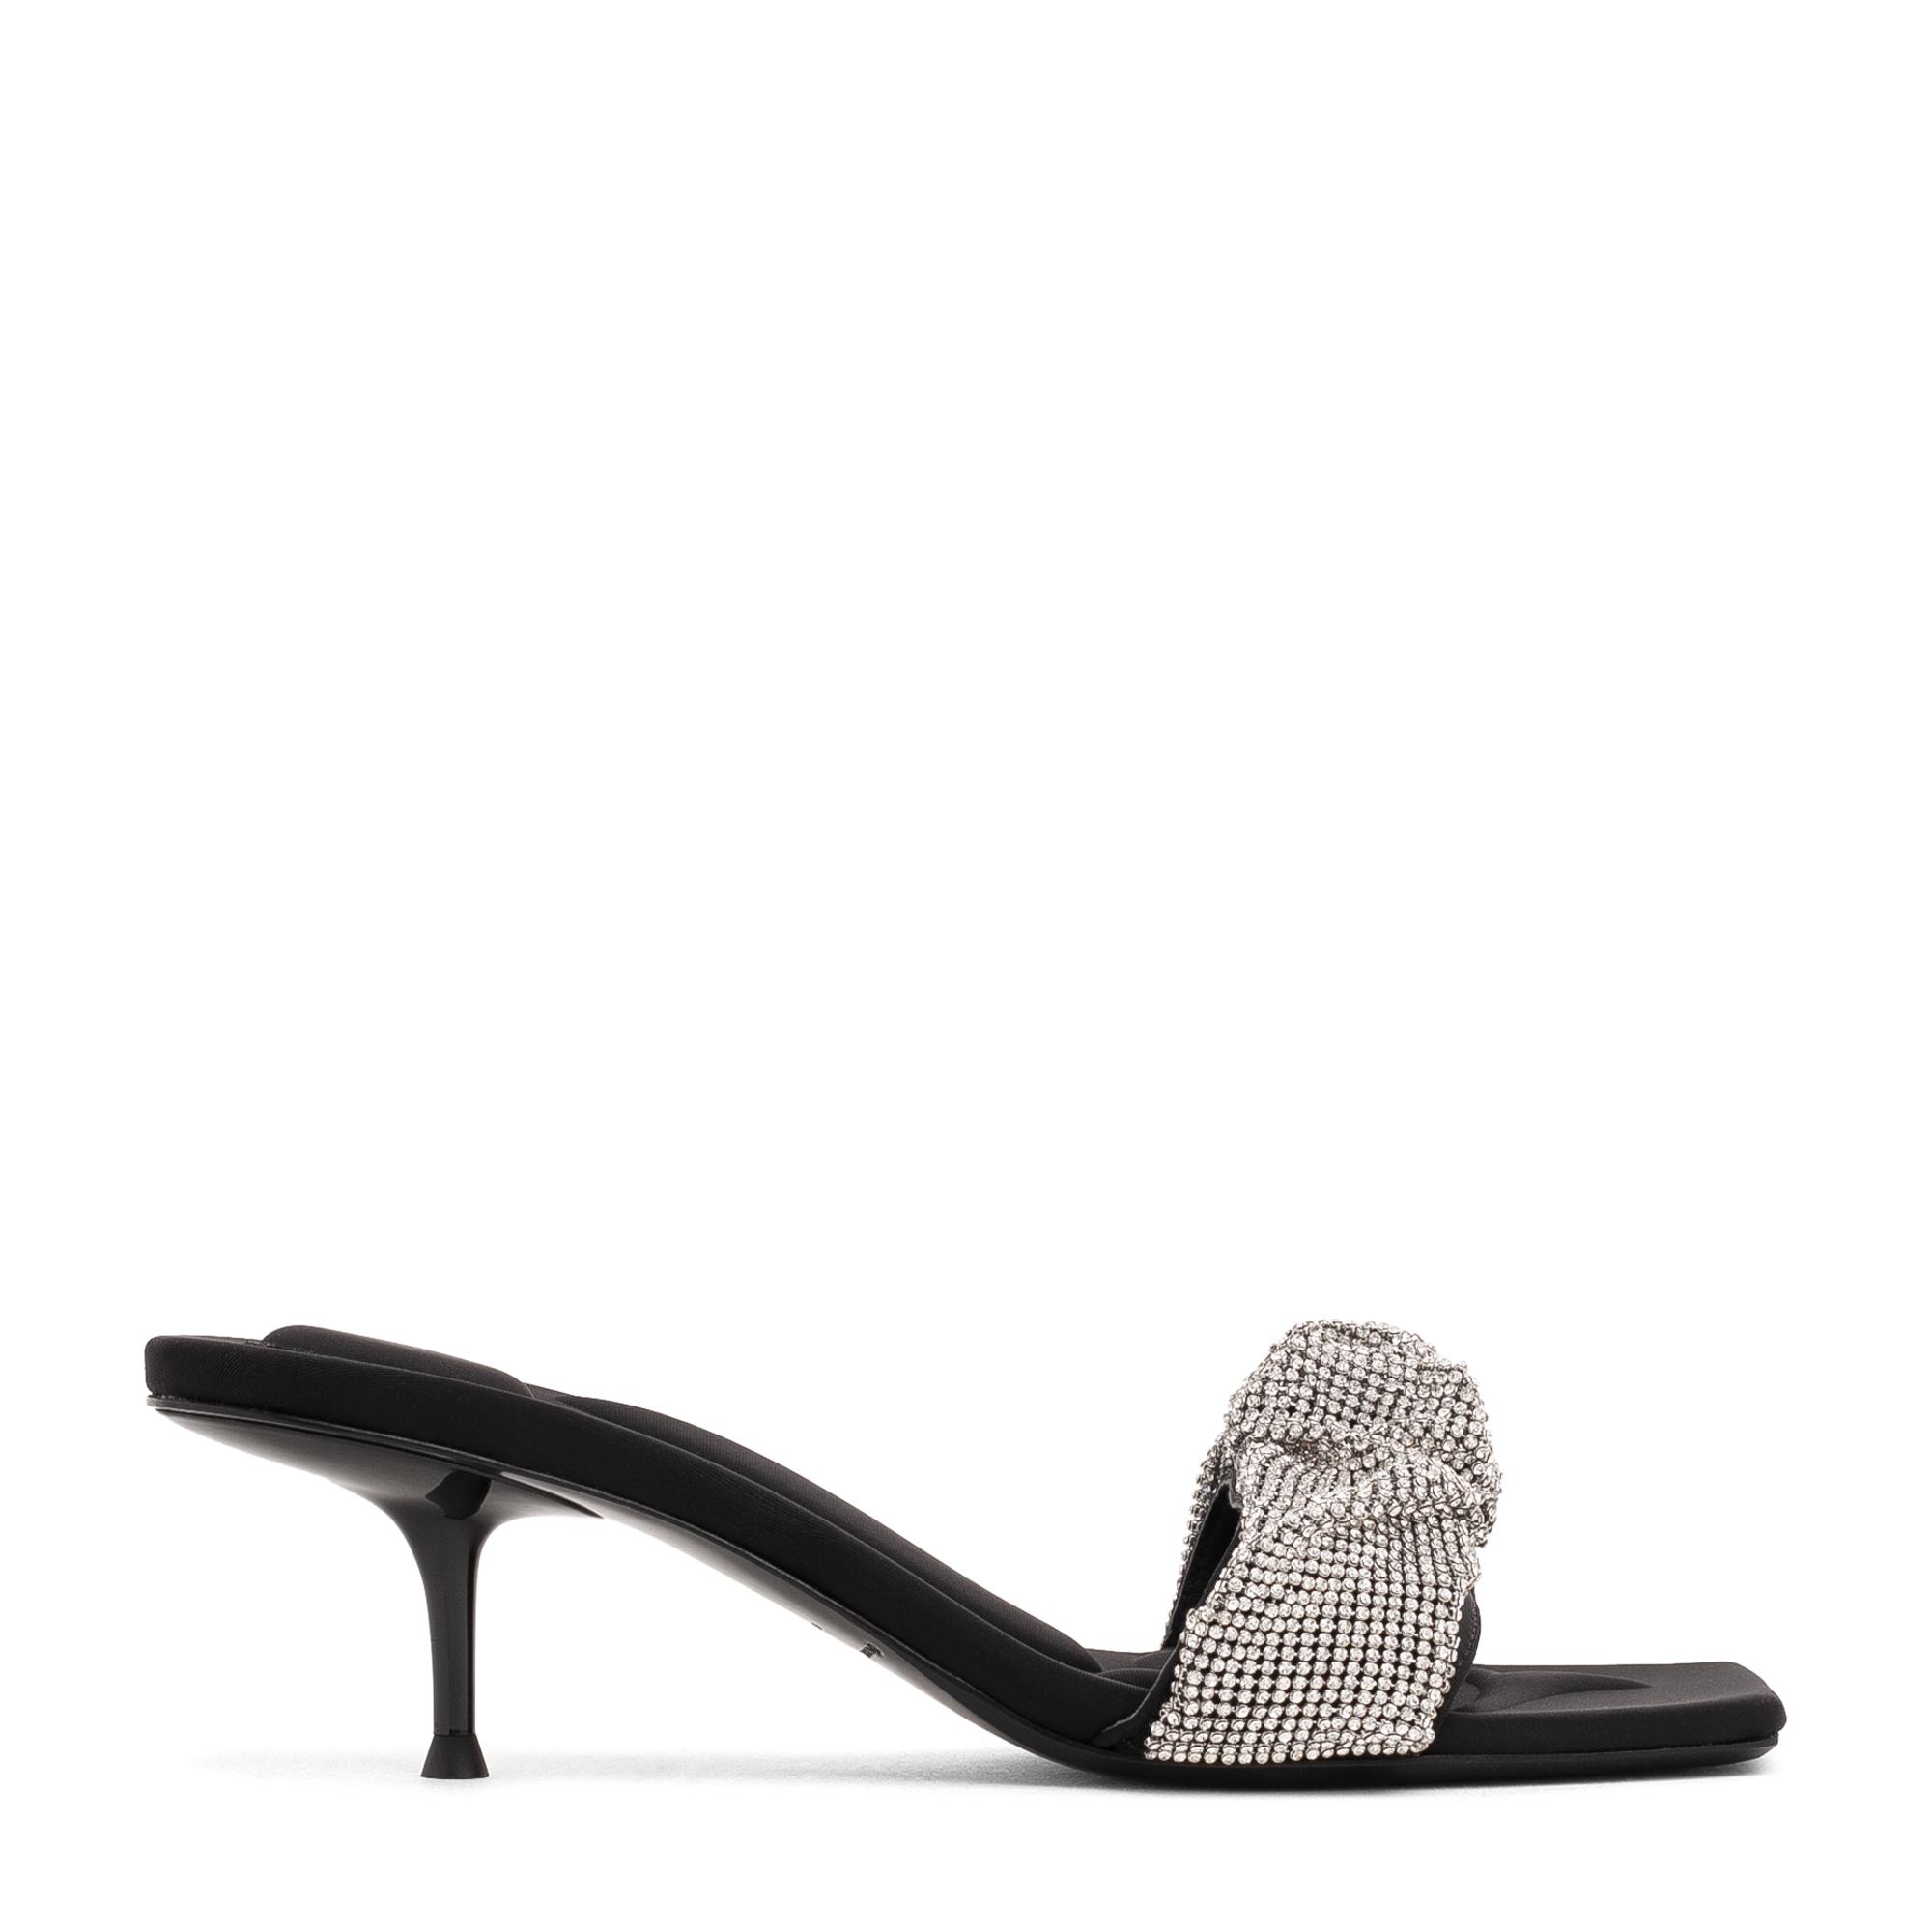 Jessie Scrunchie sandals